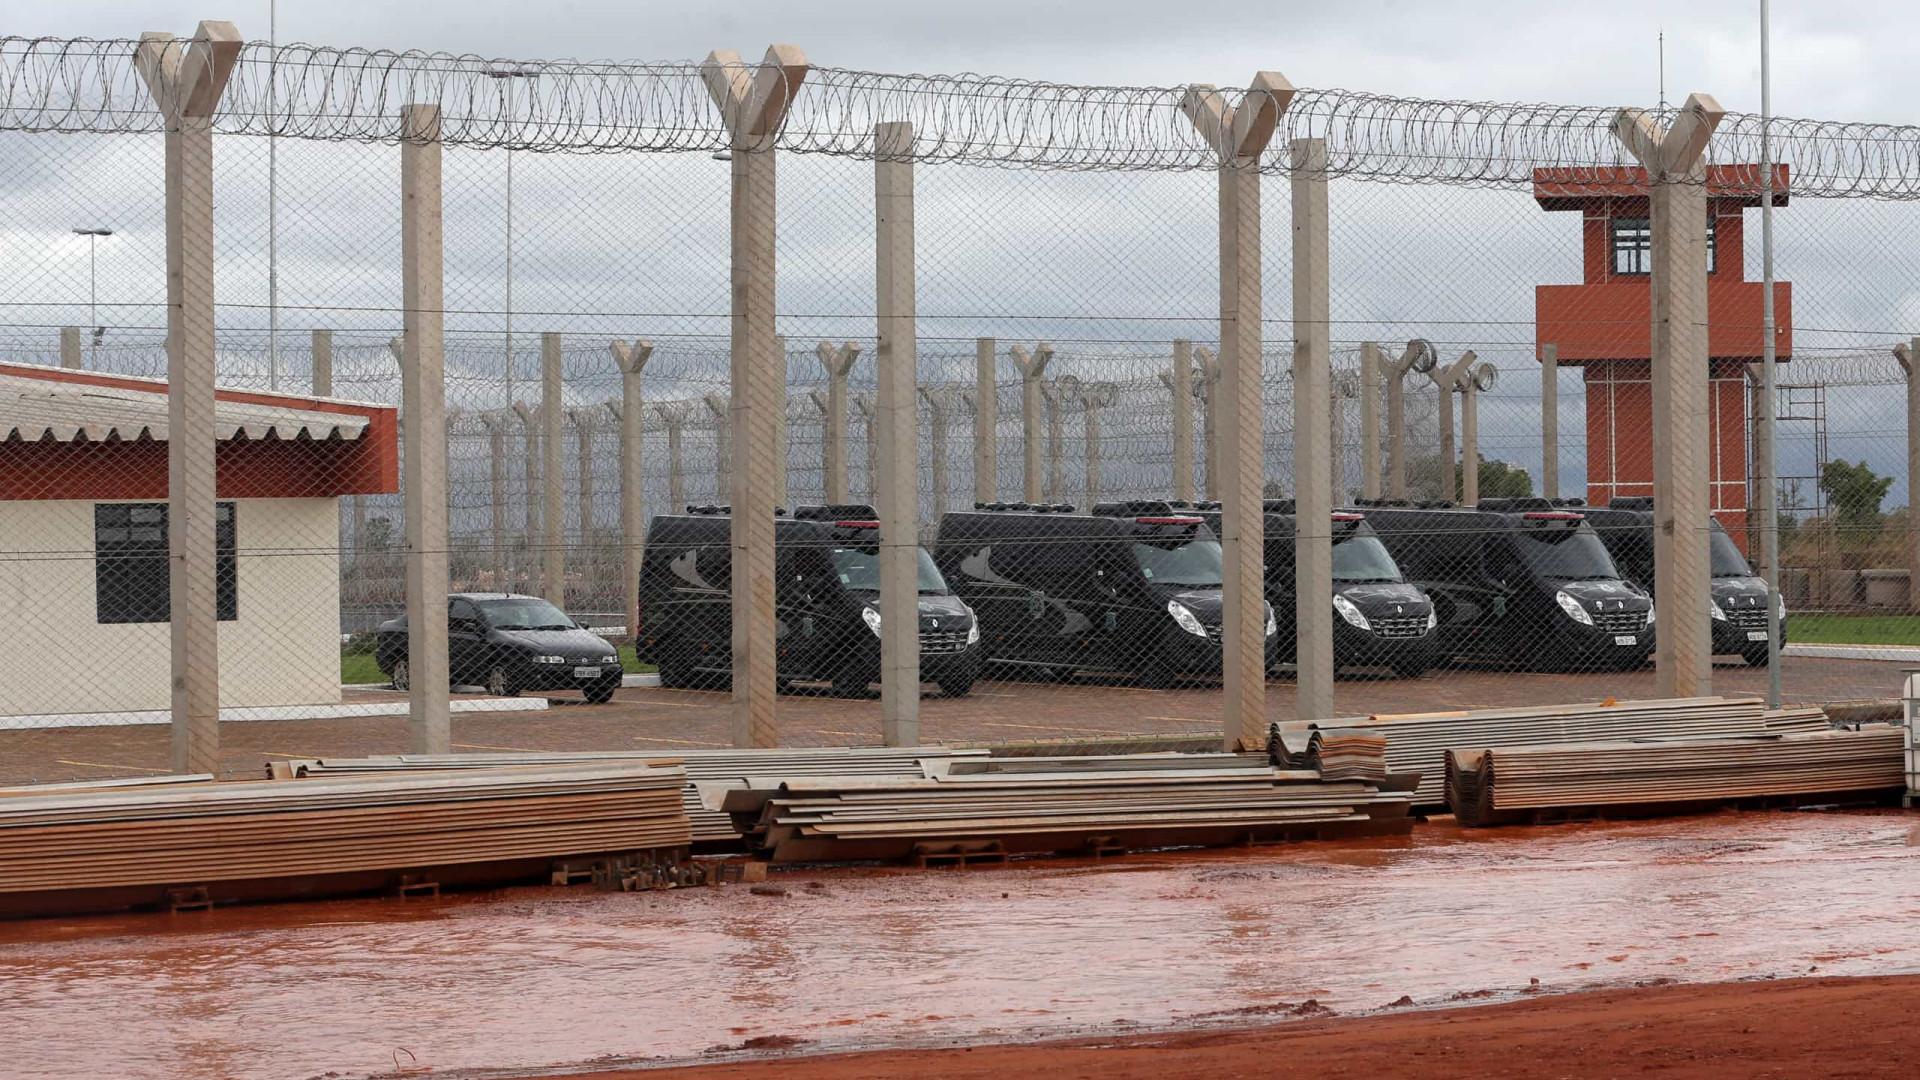 Modelo de Segurança Pública do Brasil falhou, dizem analistas